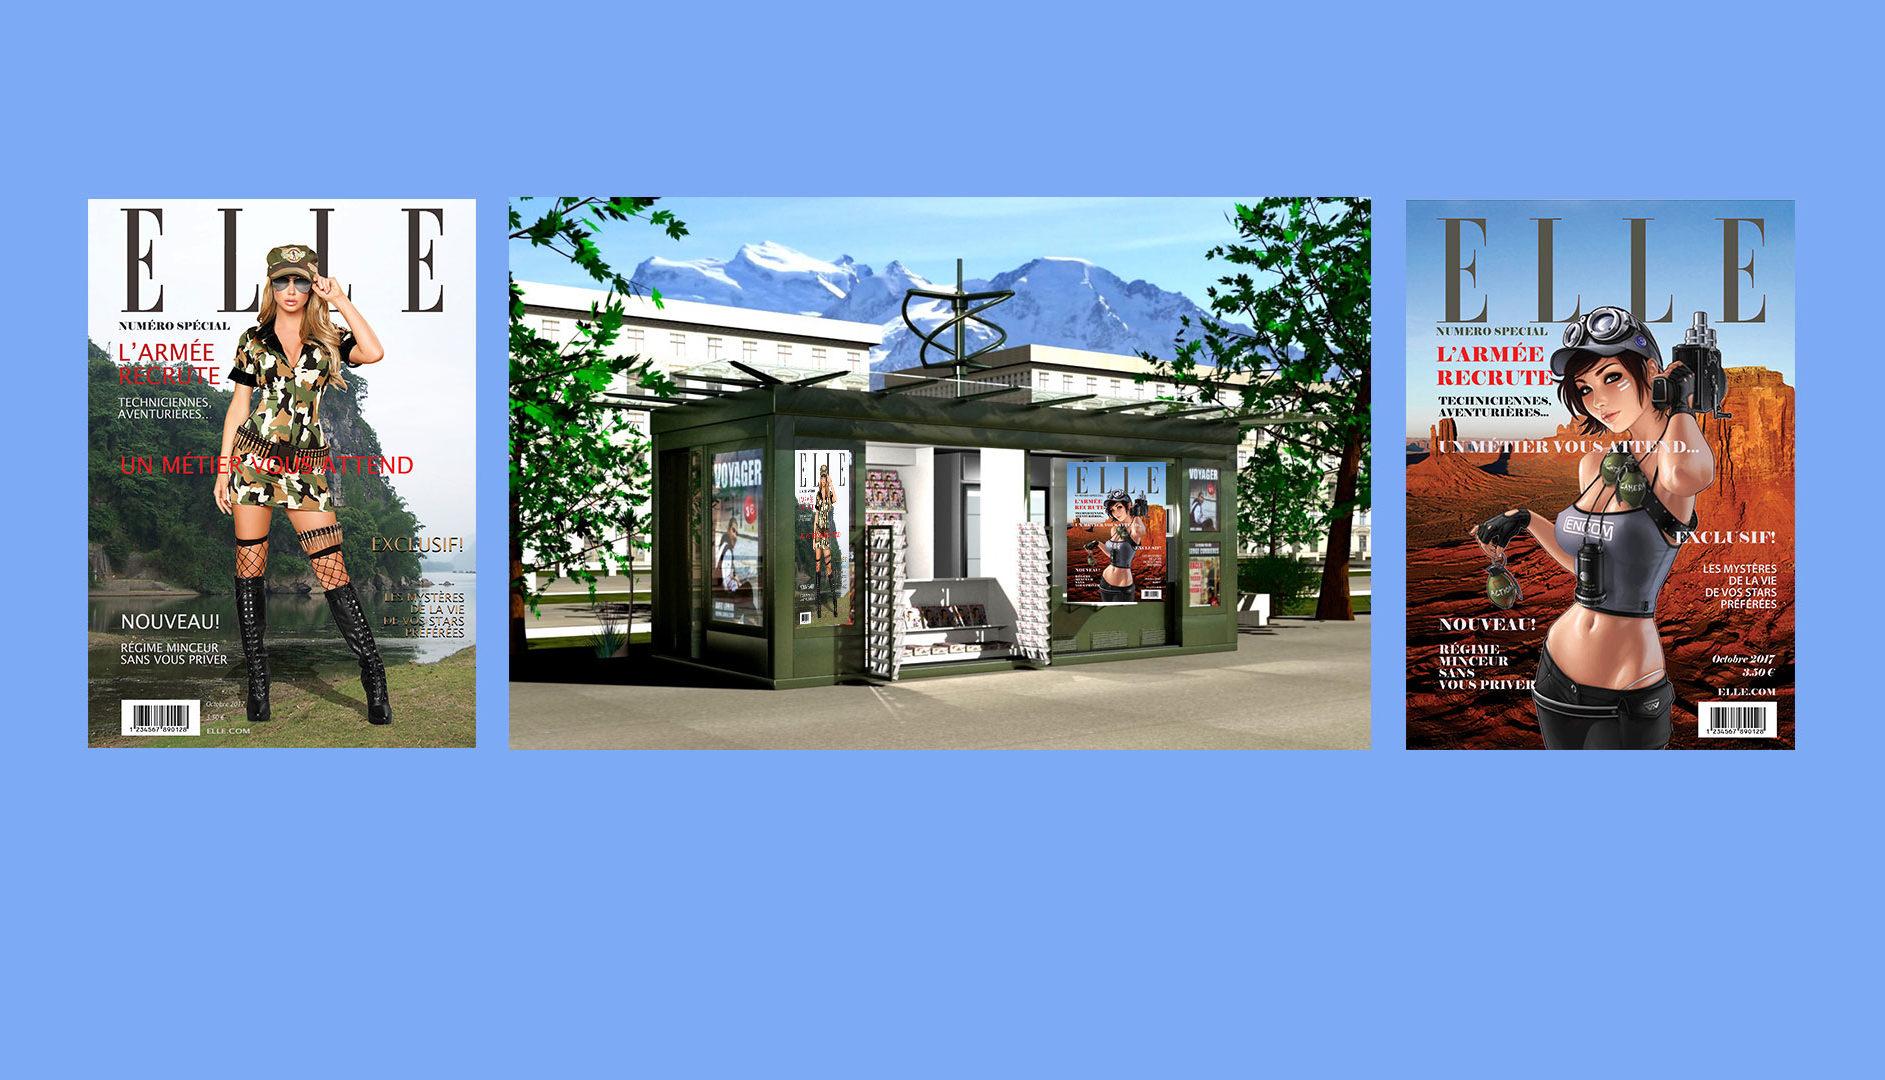 Couverture de Magazine - Mise en page sur Photoshop